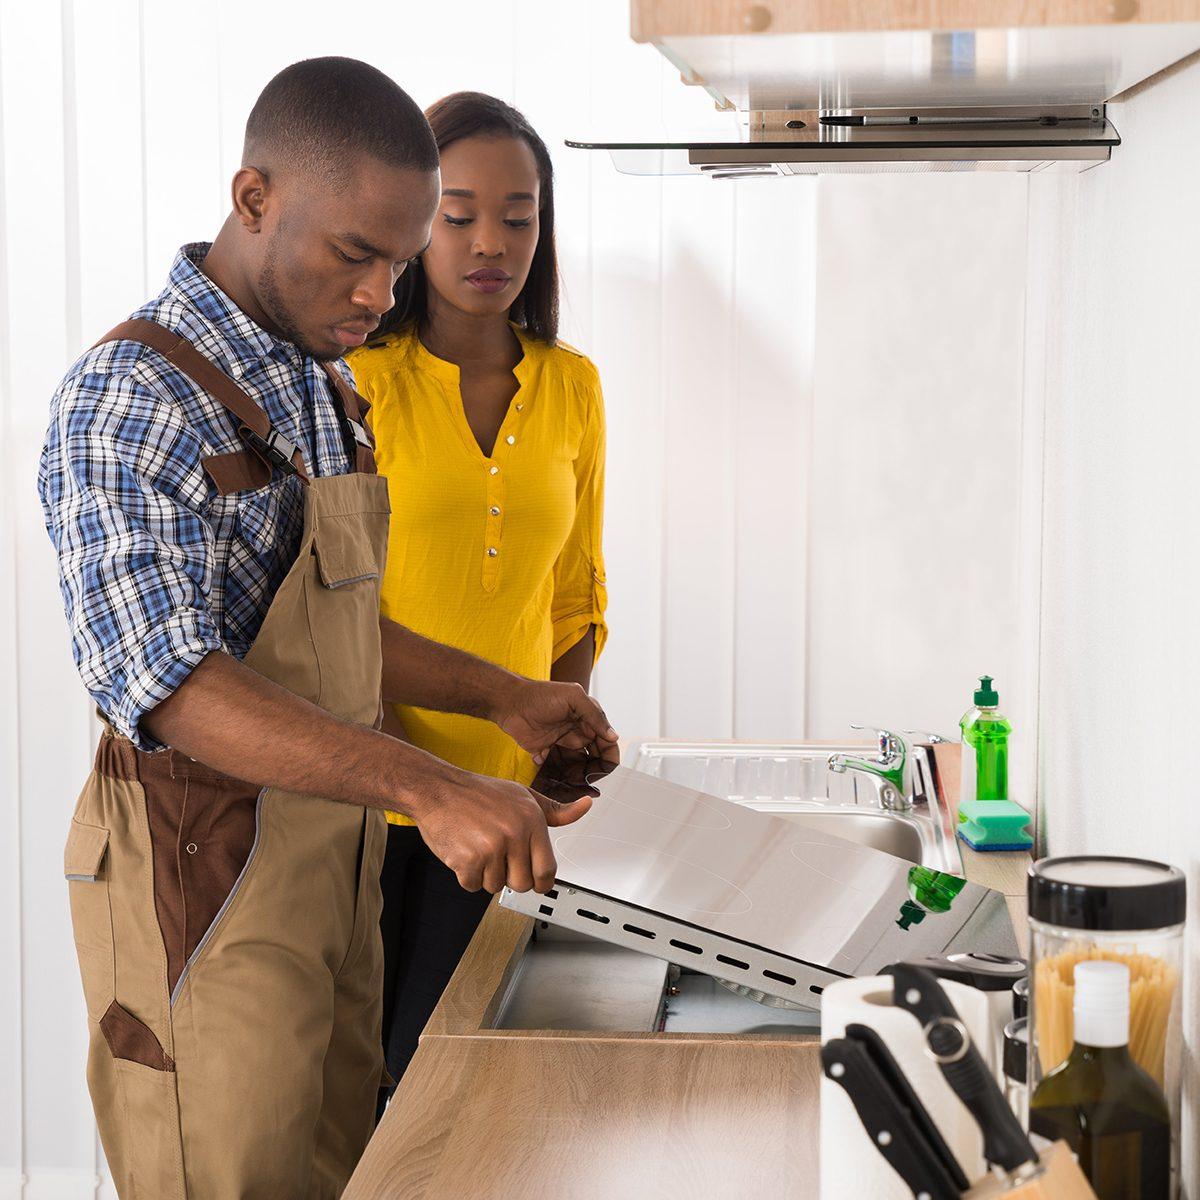 Repairing stove